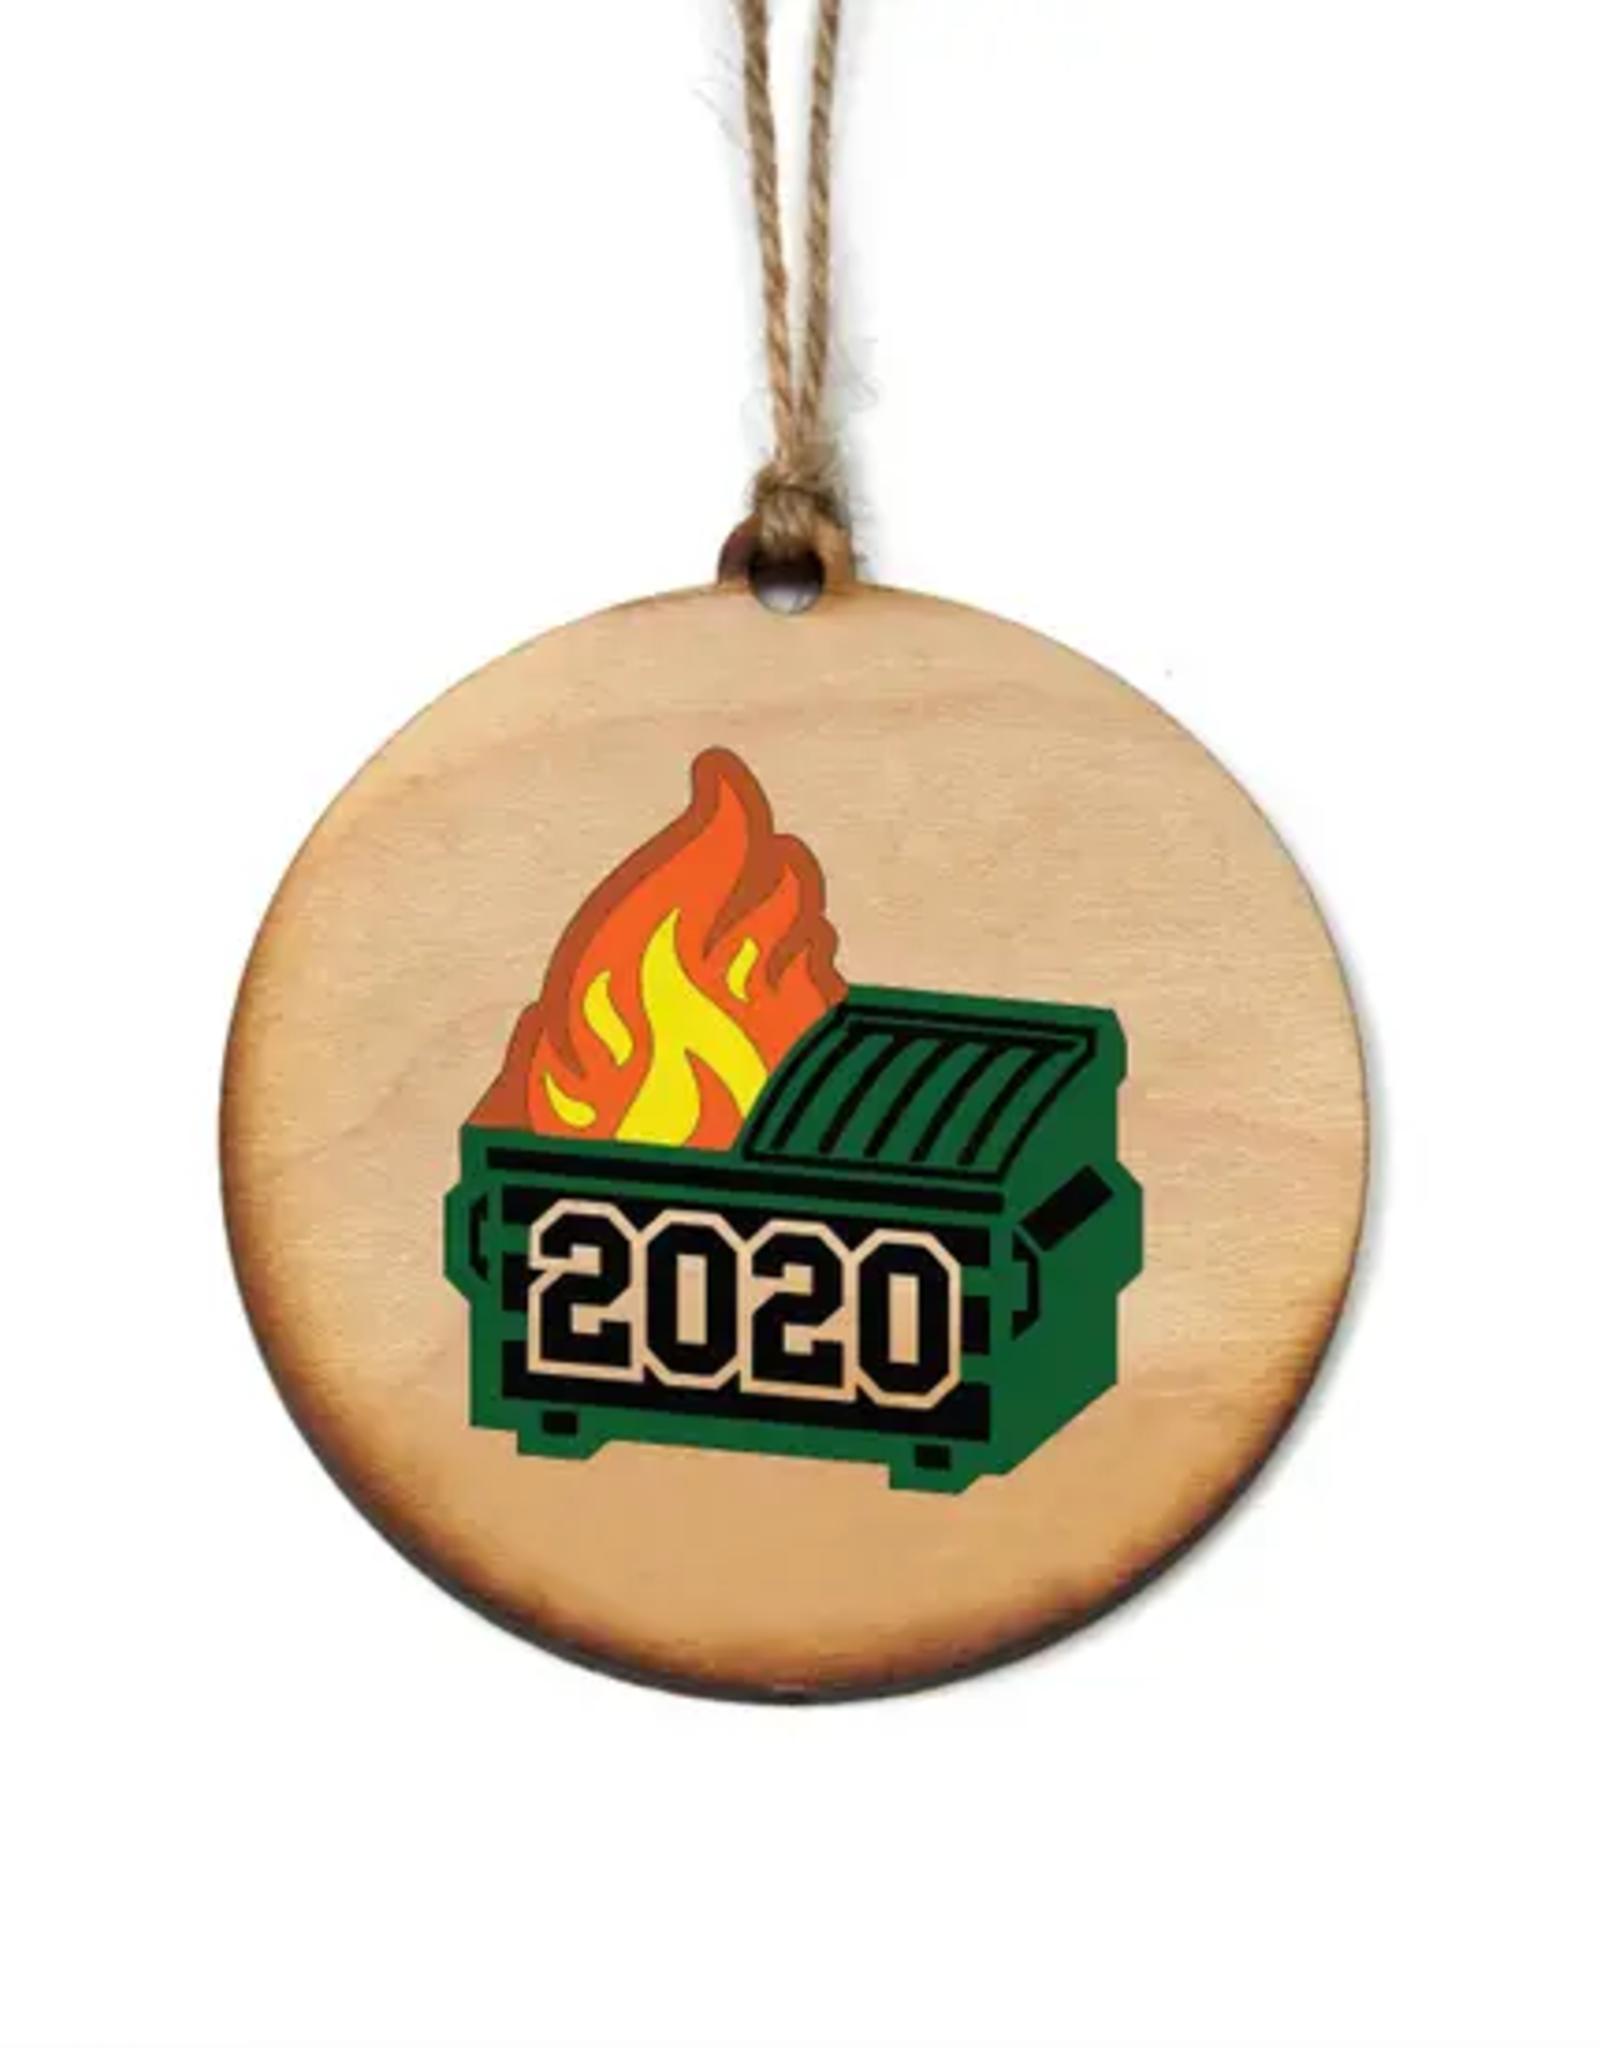 Driftless Studios 2020 Ornament, Dumpster Fire